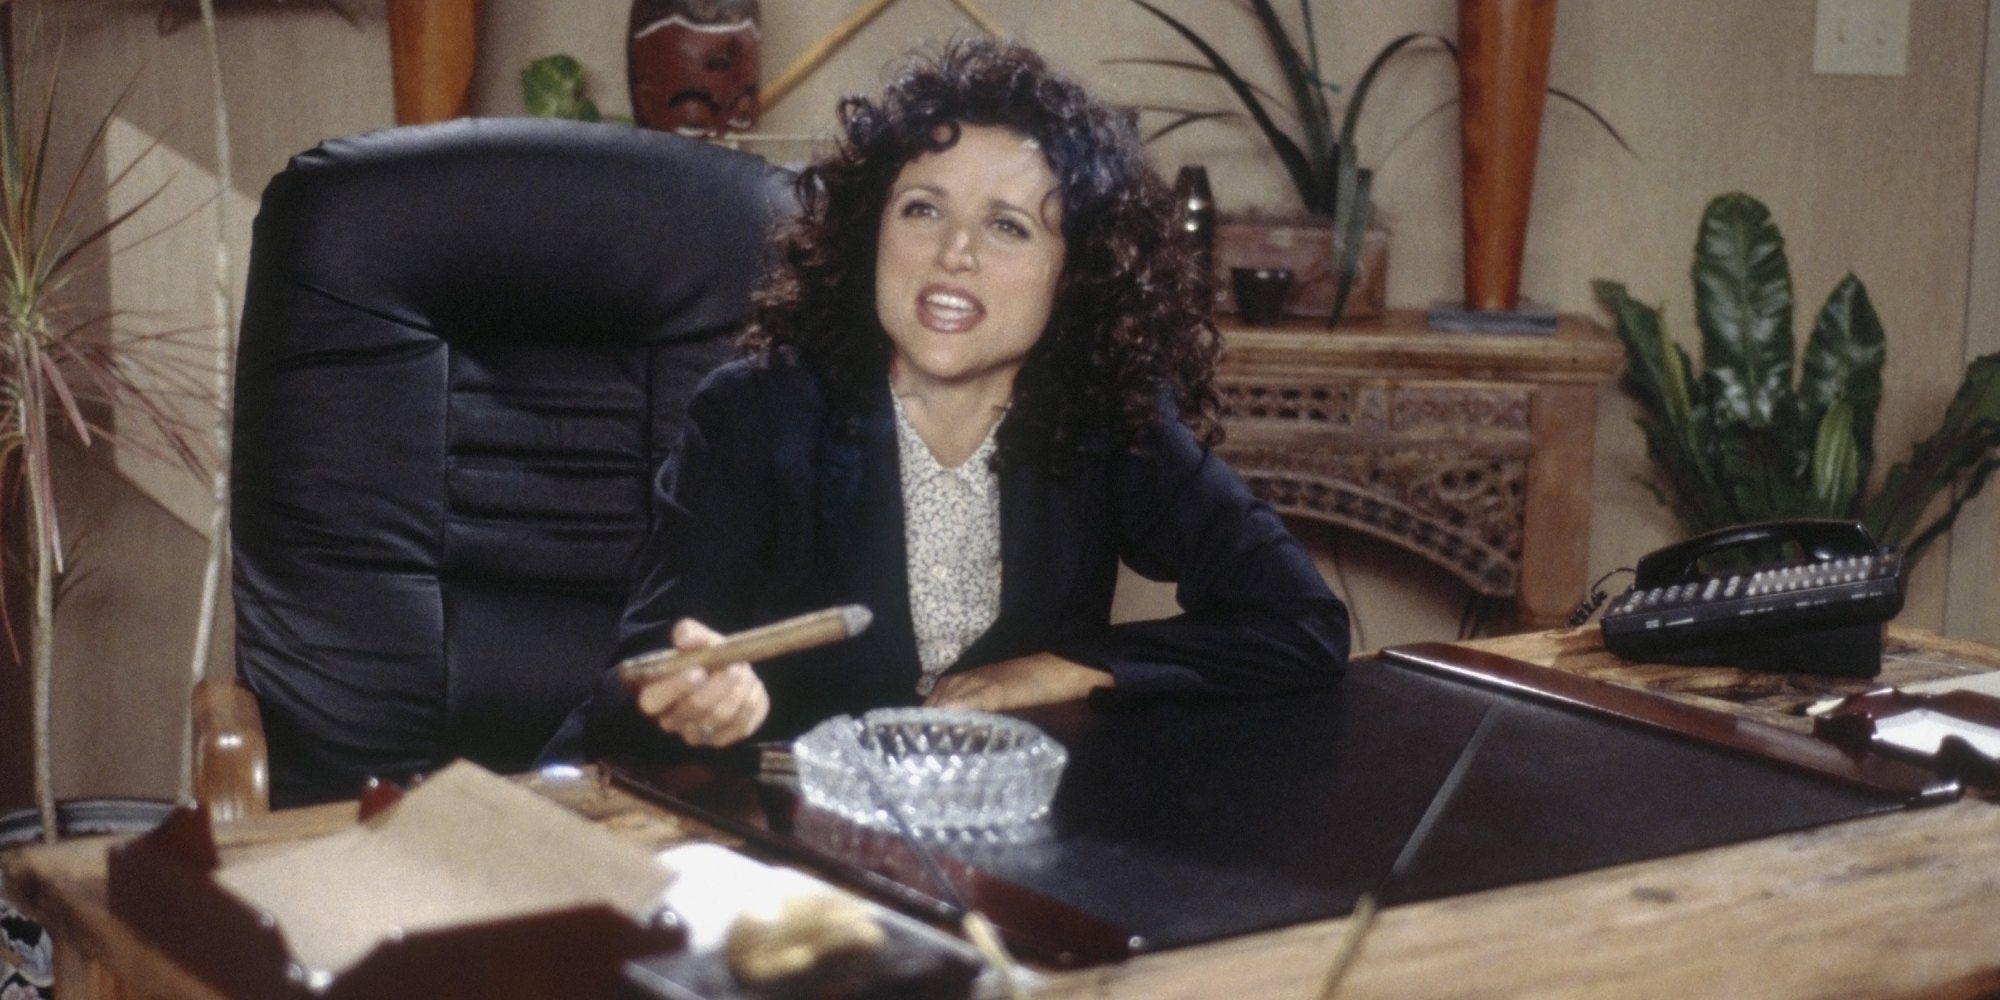 Julia Louis-Dreyfus on Seinfeld